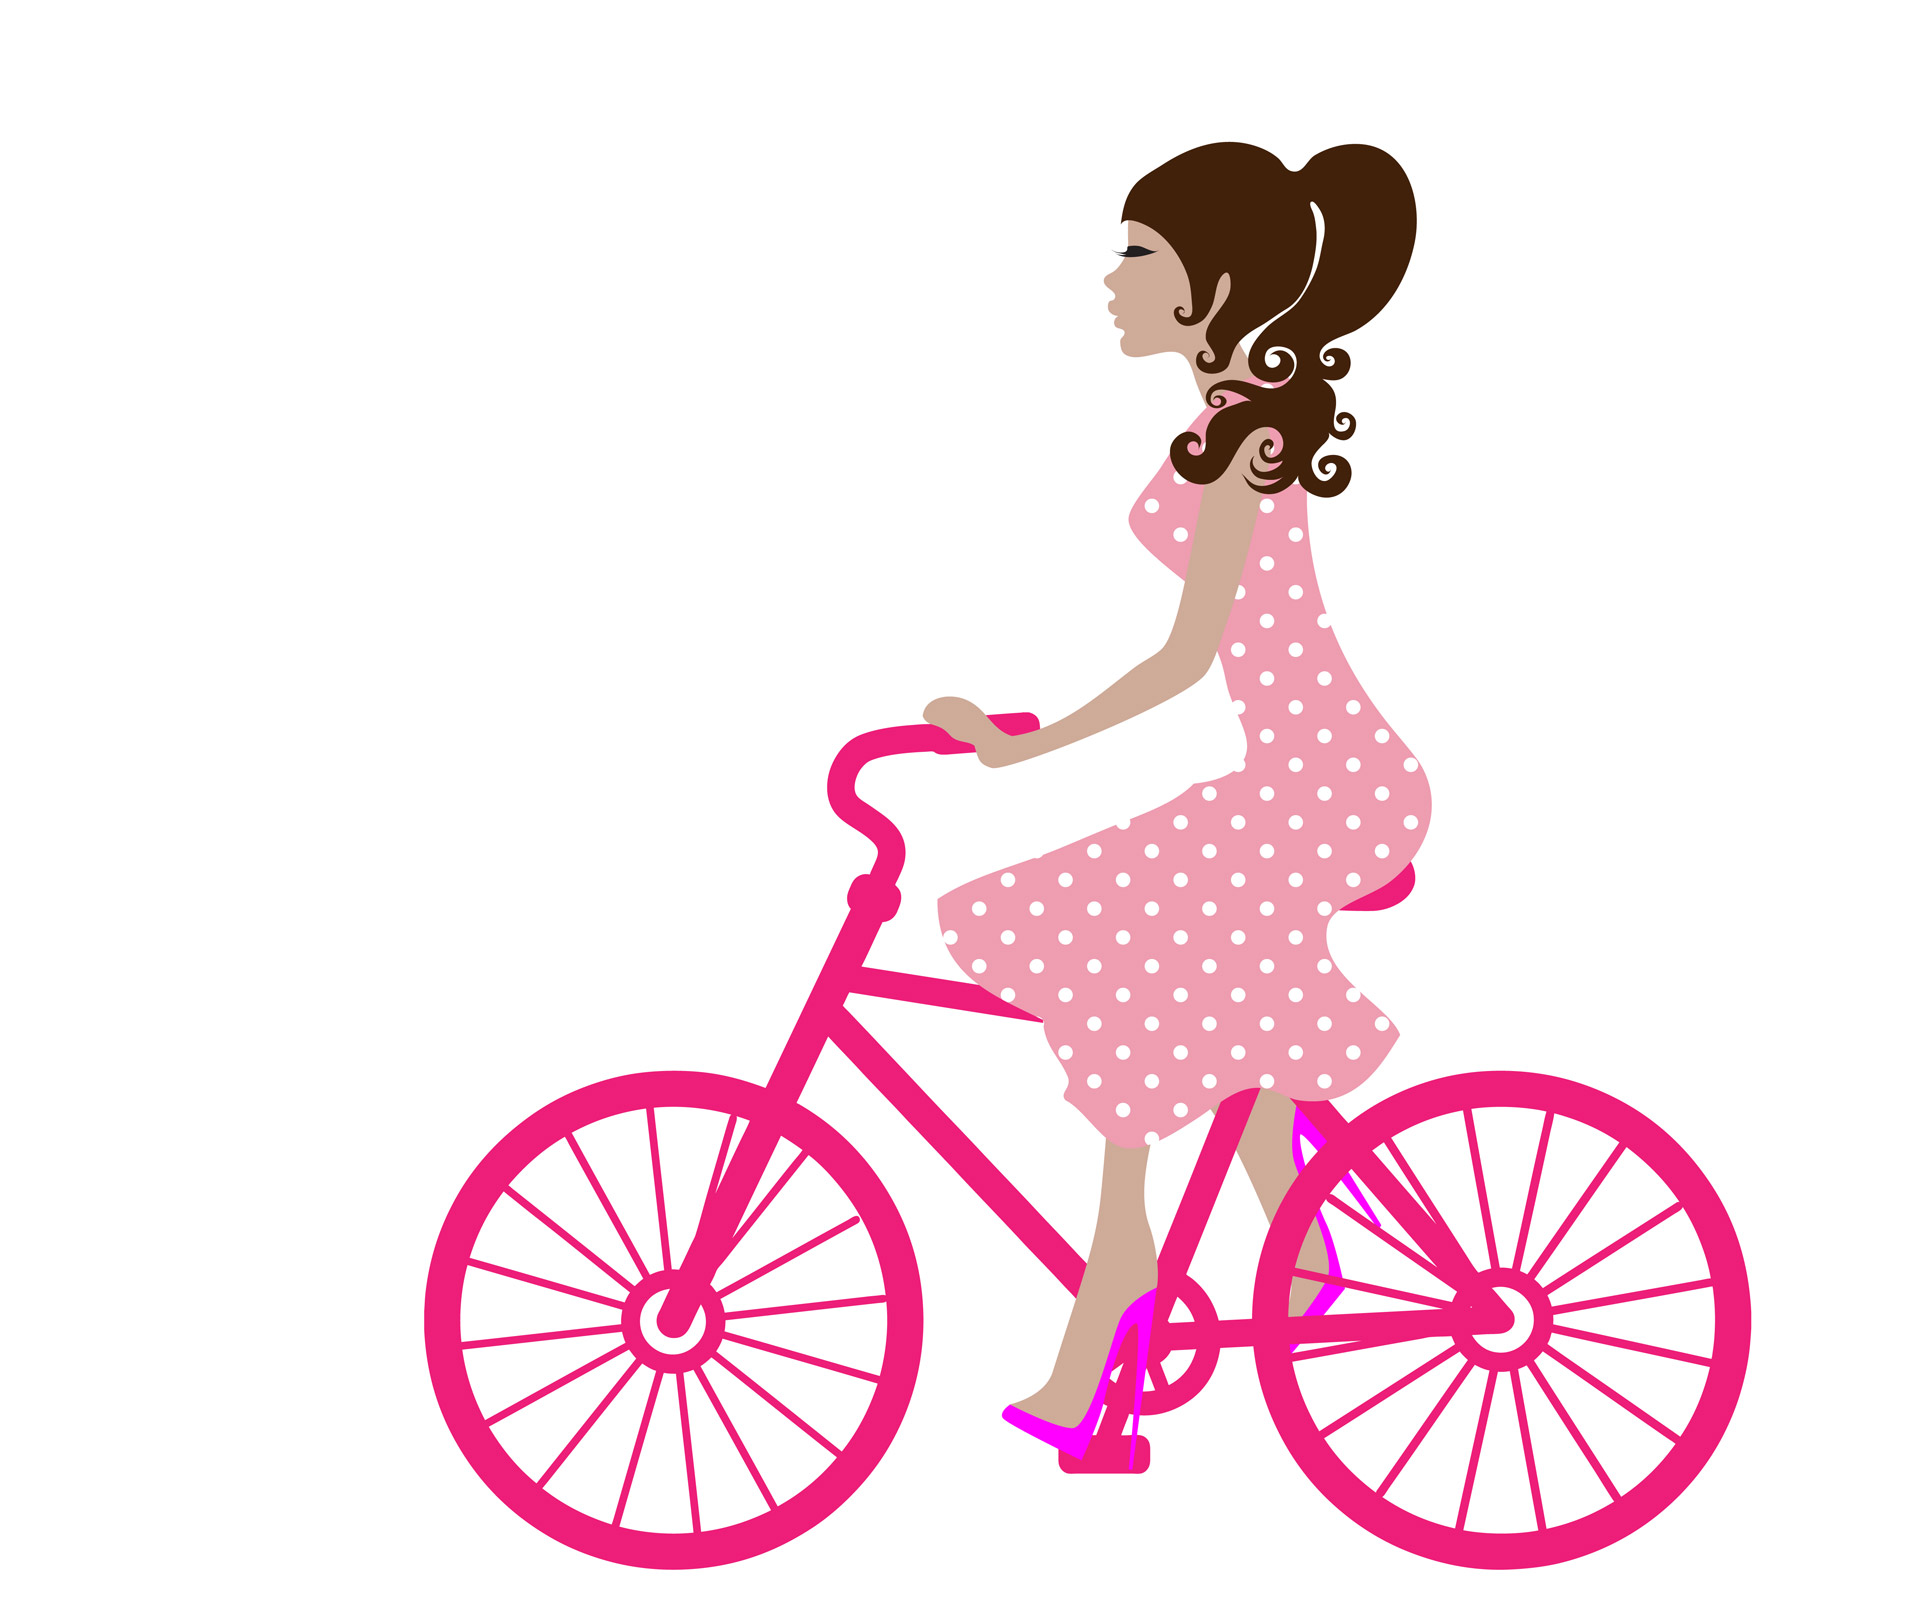 Biking clipart bycycle. Girl on bike free